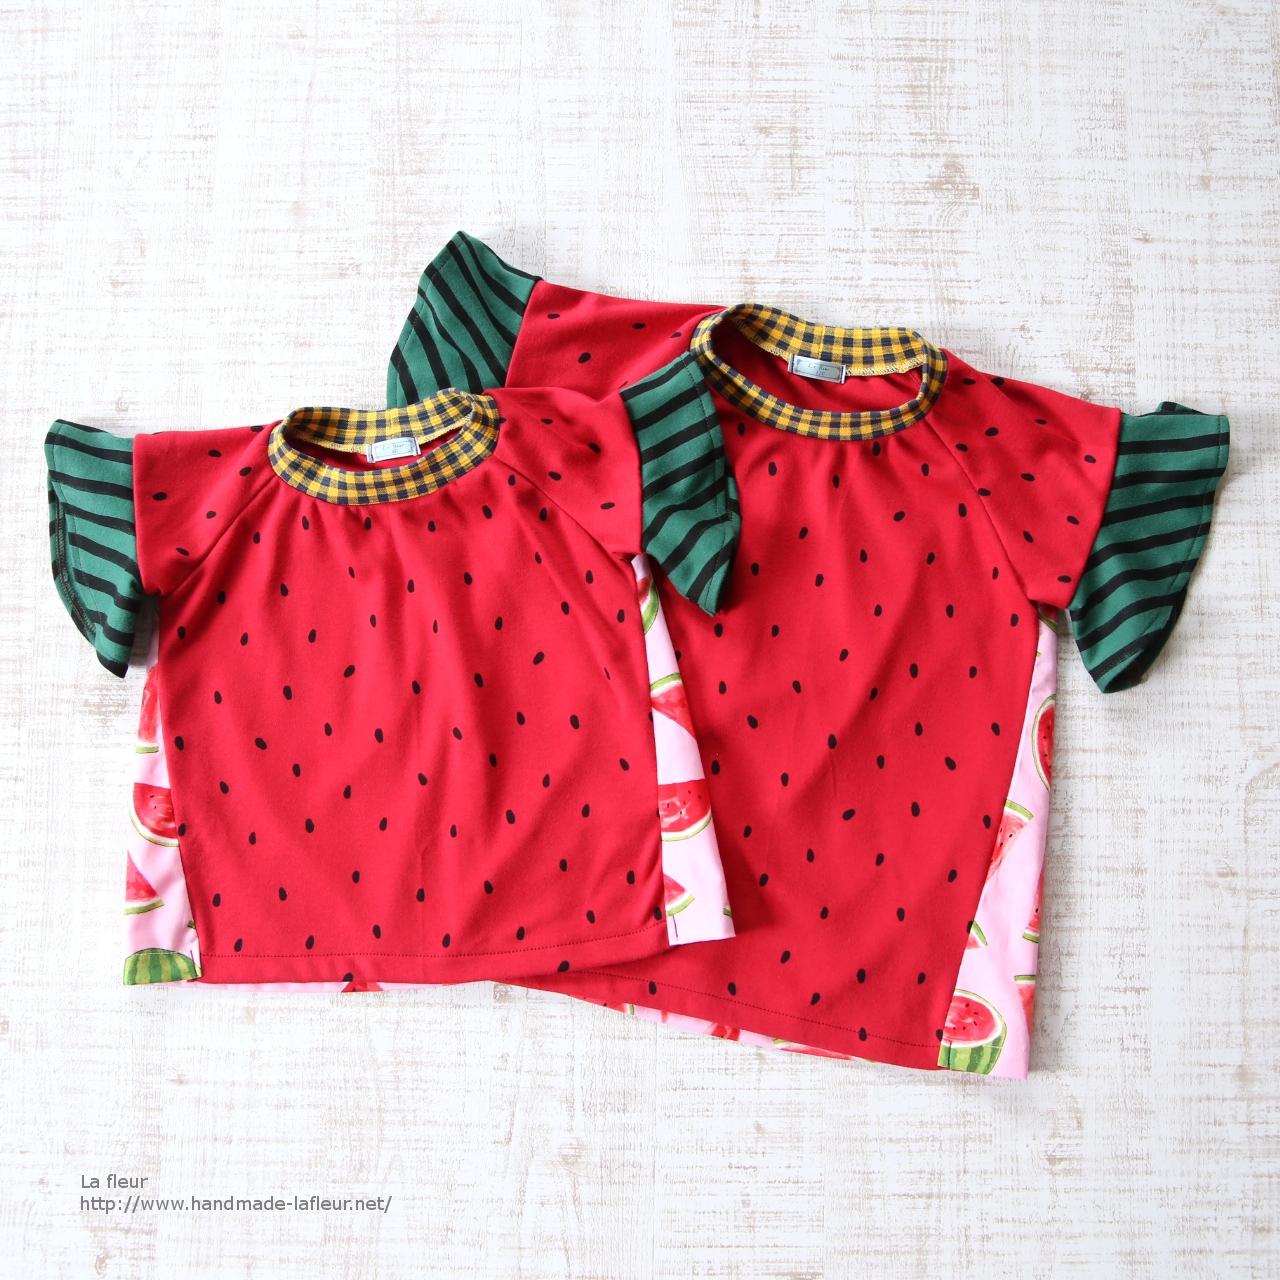 【90】スイカTシャツ女の子用*ロンリーTシャツ 袖フリル カットソー/Lafleur